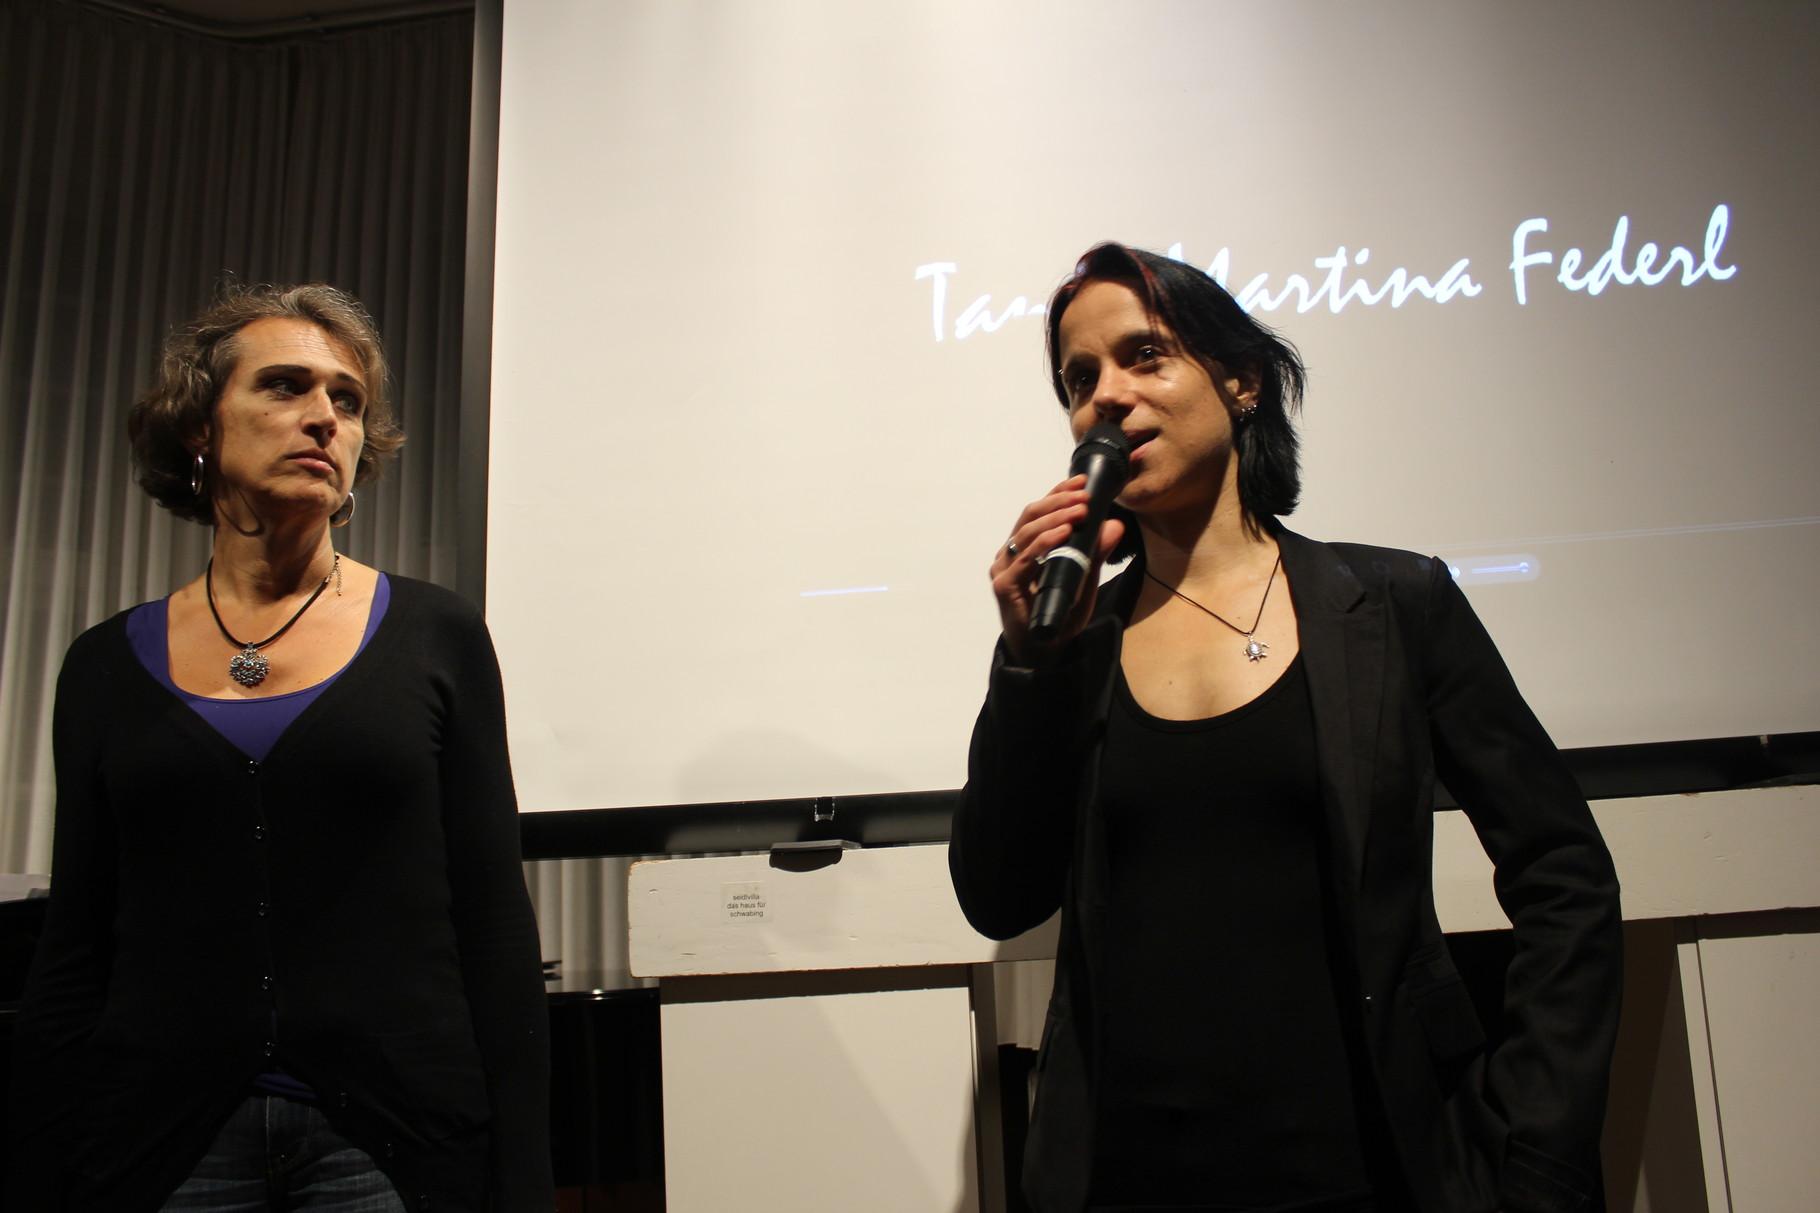 Sabine Brandl stellt Tanja Martina Federl (Bildende Künstlerin) vor